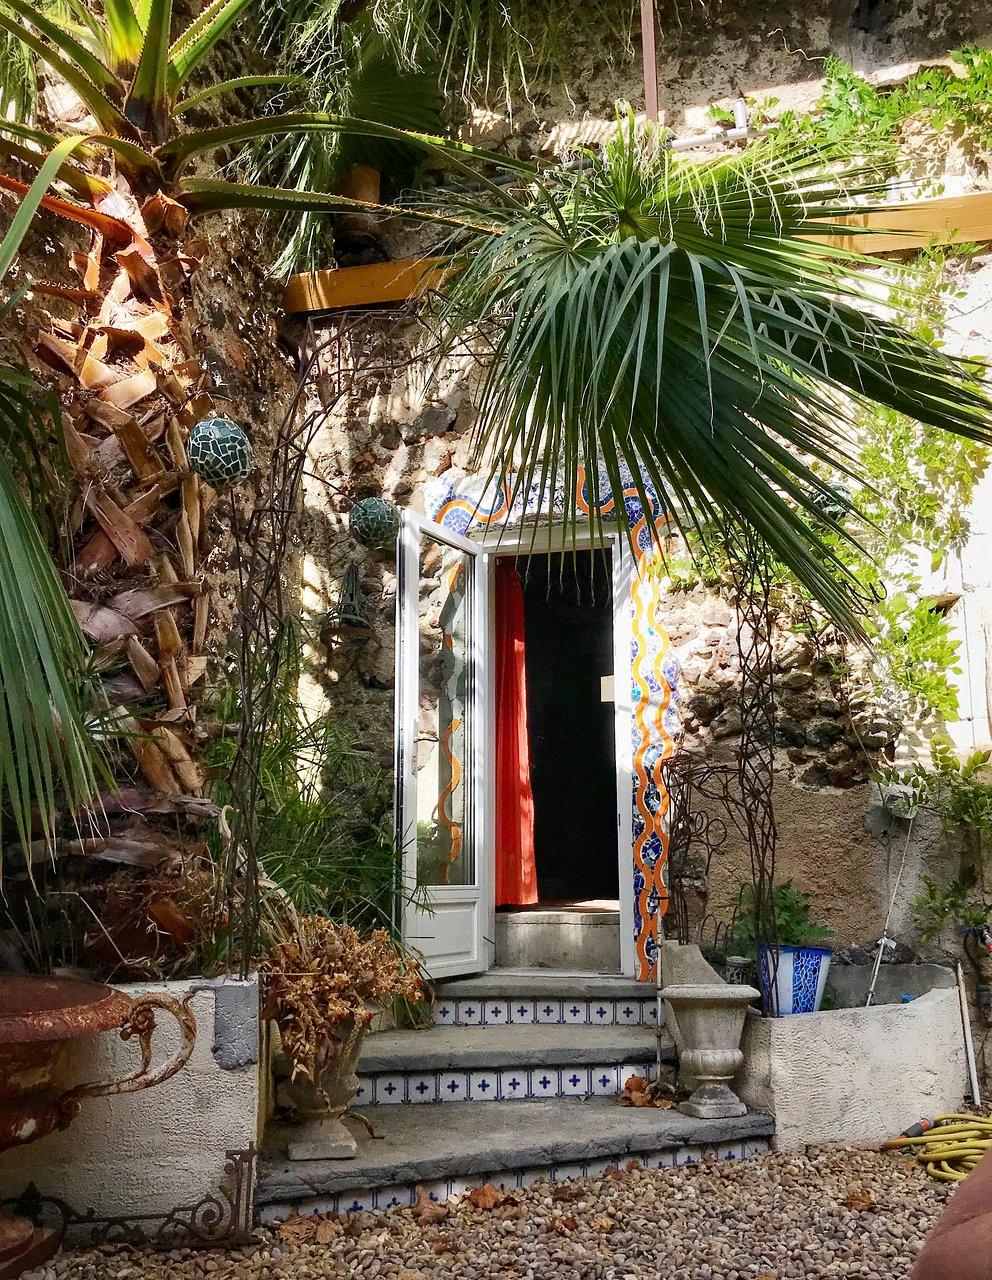 Le Jardin De Saint Adrien Charmant La Cour D Ete Updated 2020 Prices Apartment Reviews and